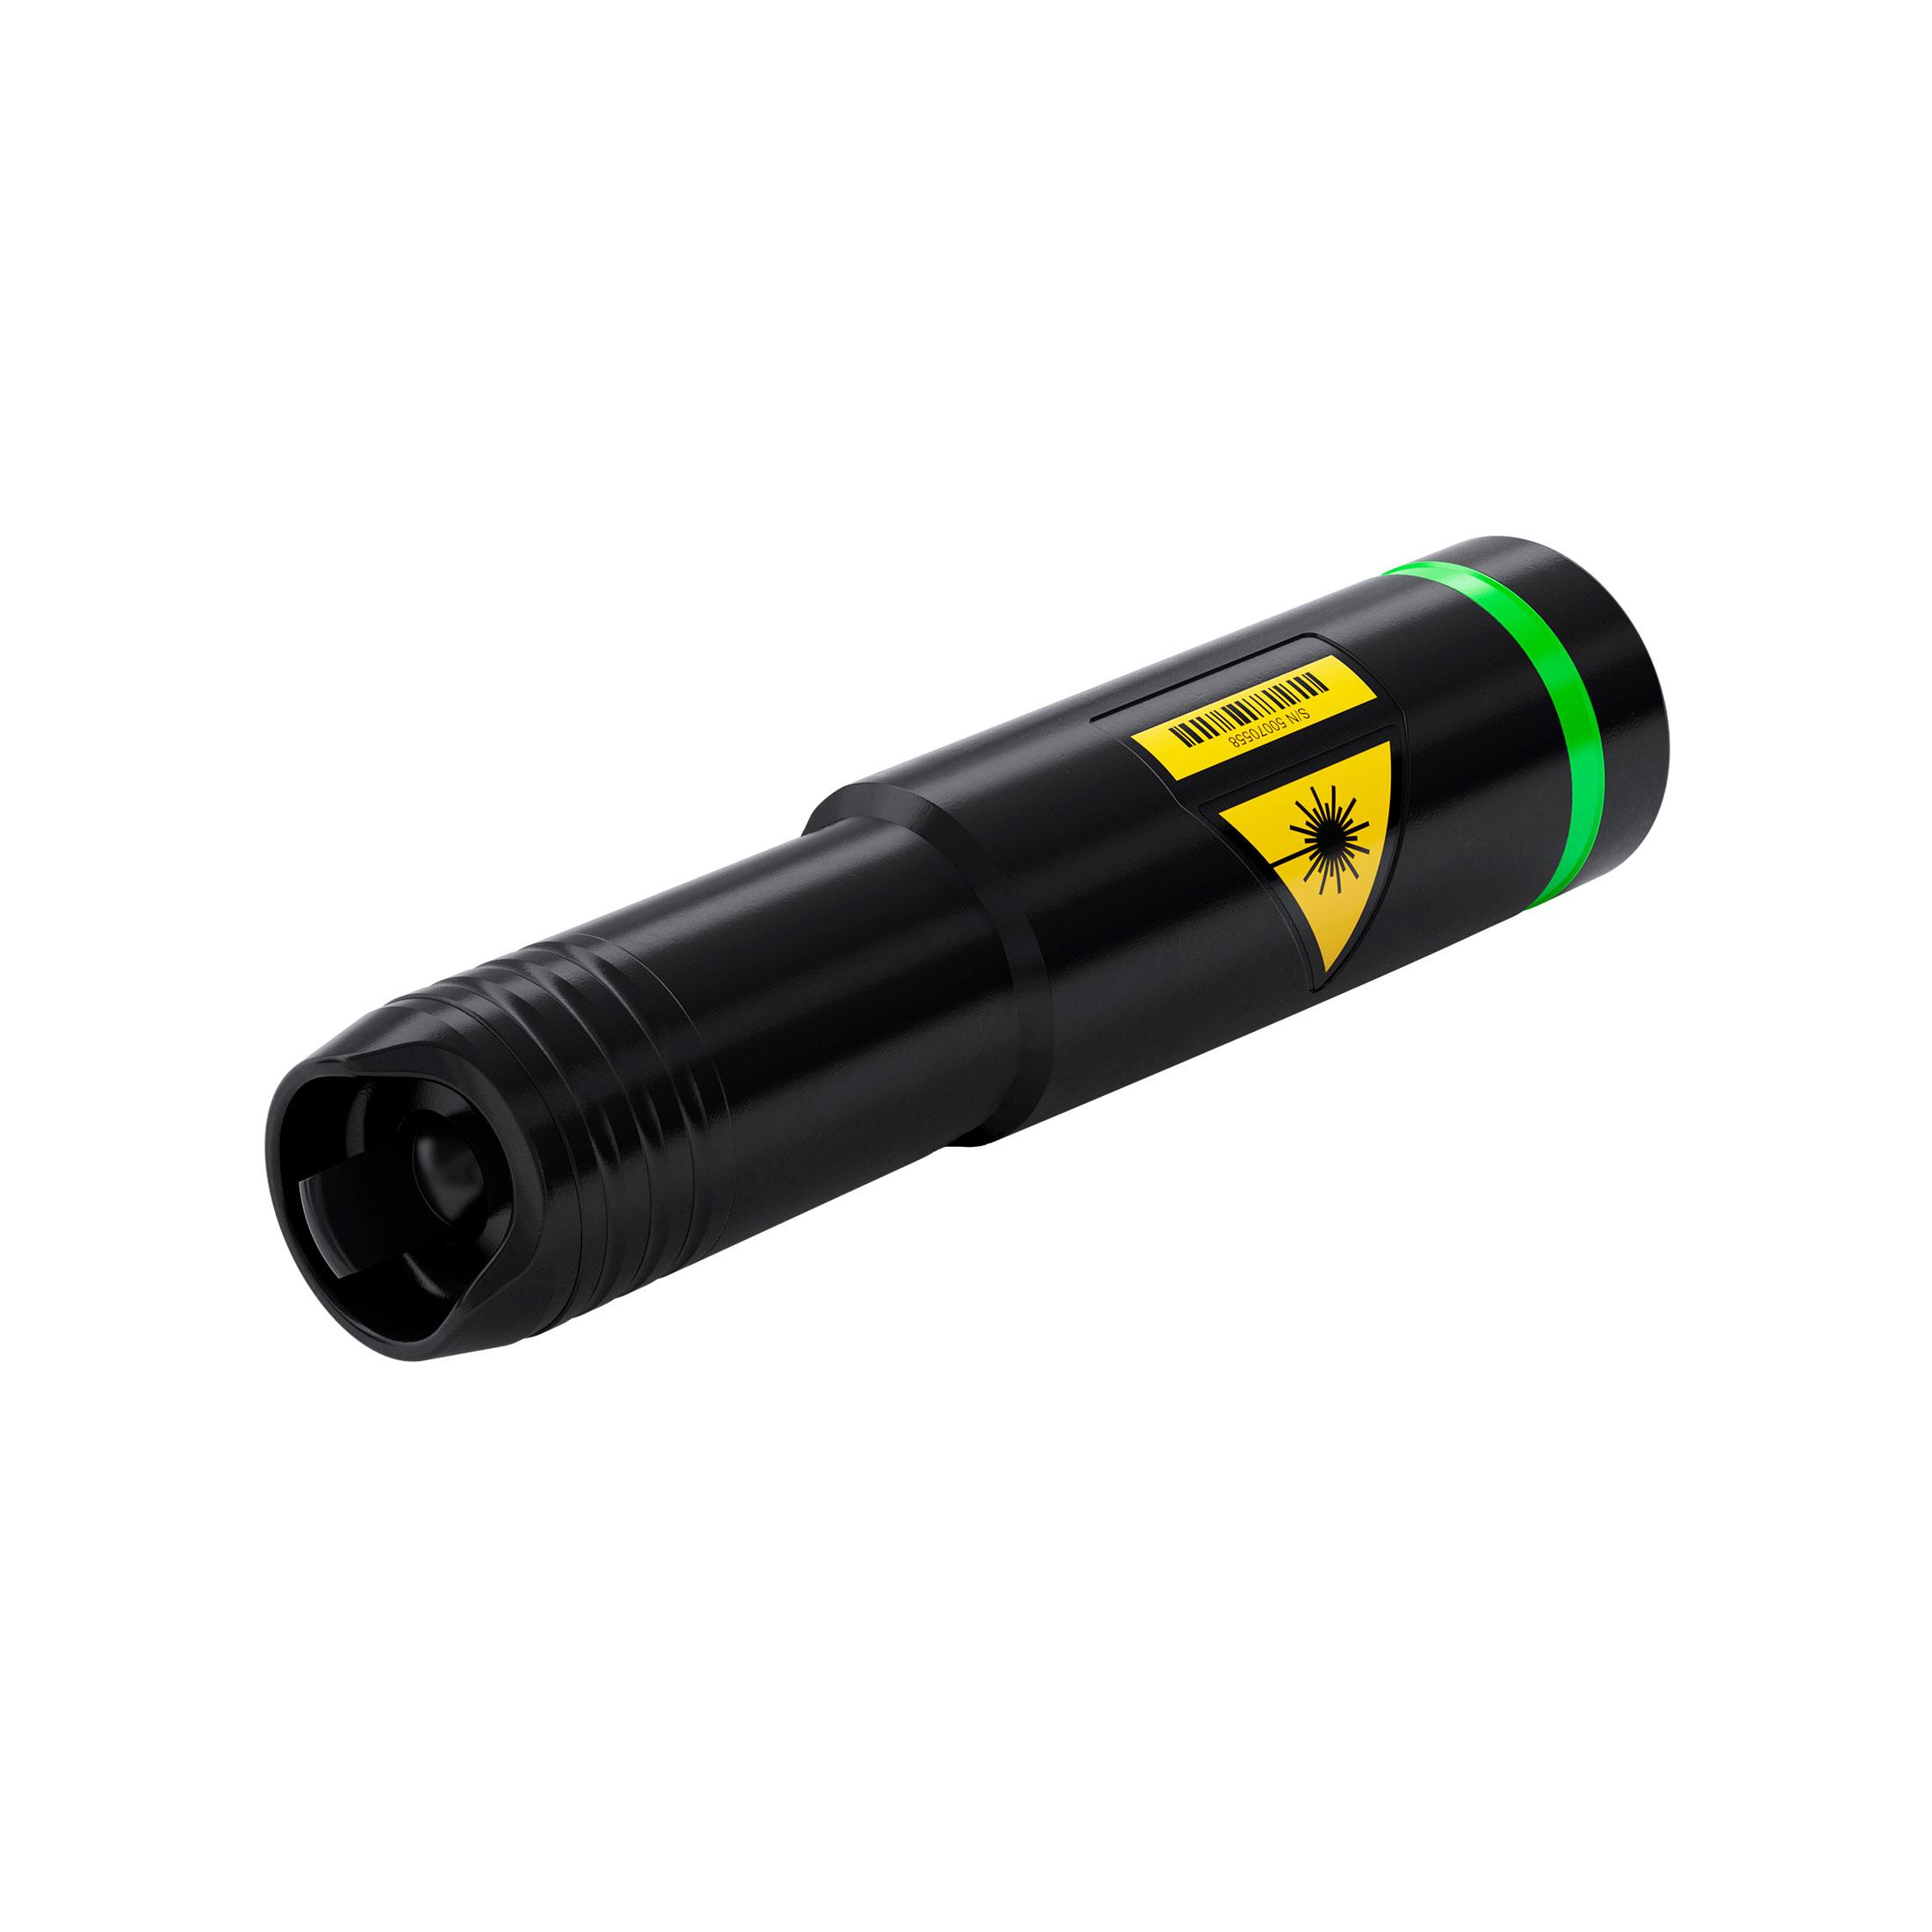 Laserluchs LA850-50-FIX